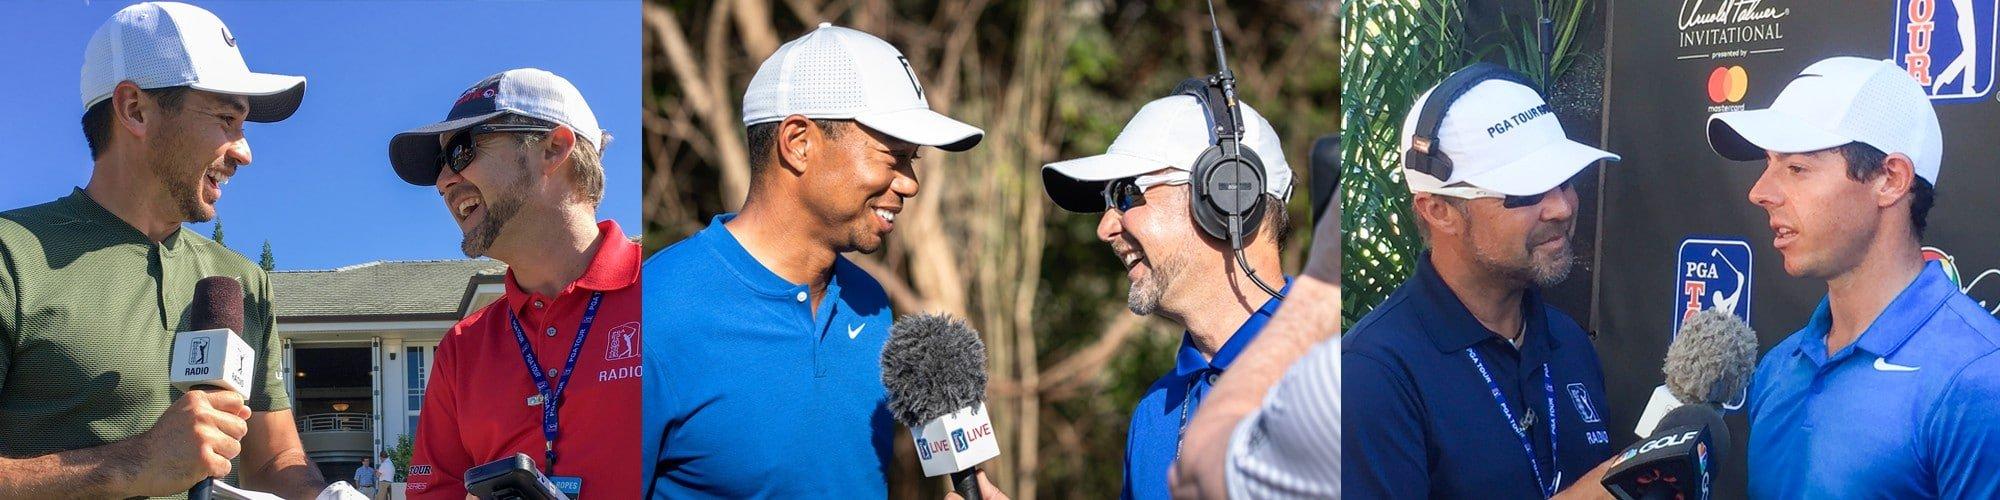 mark immelman golf broadcaster